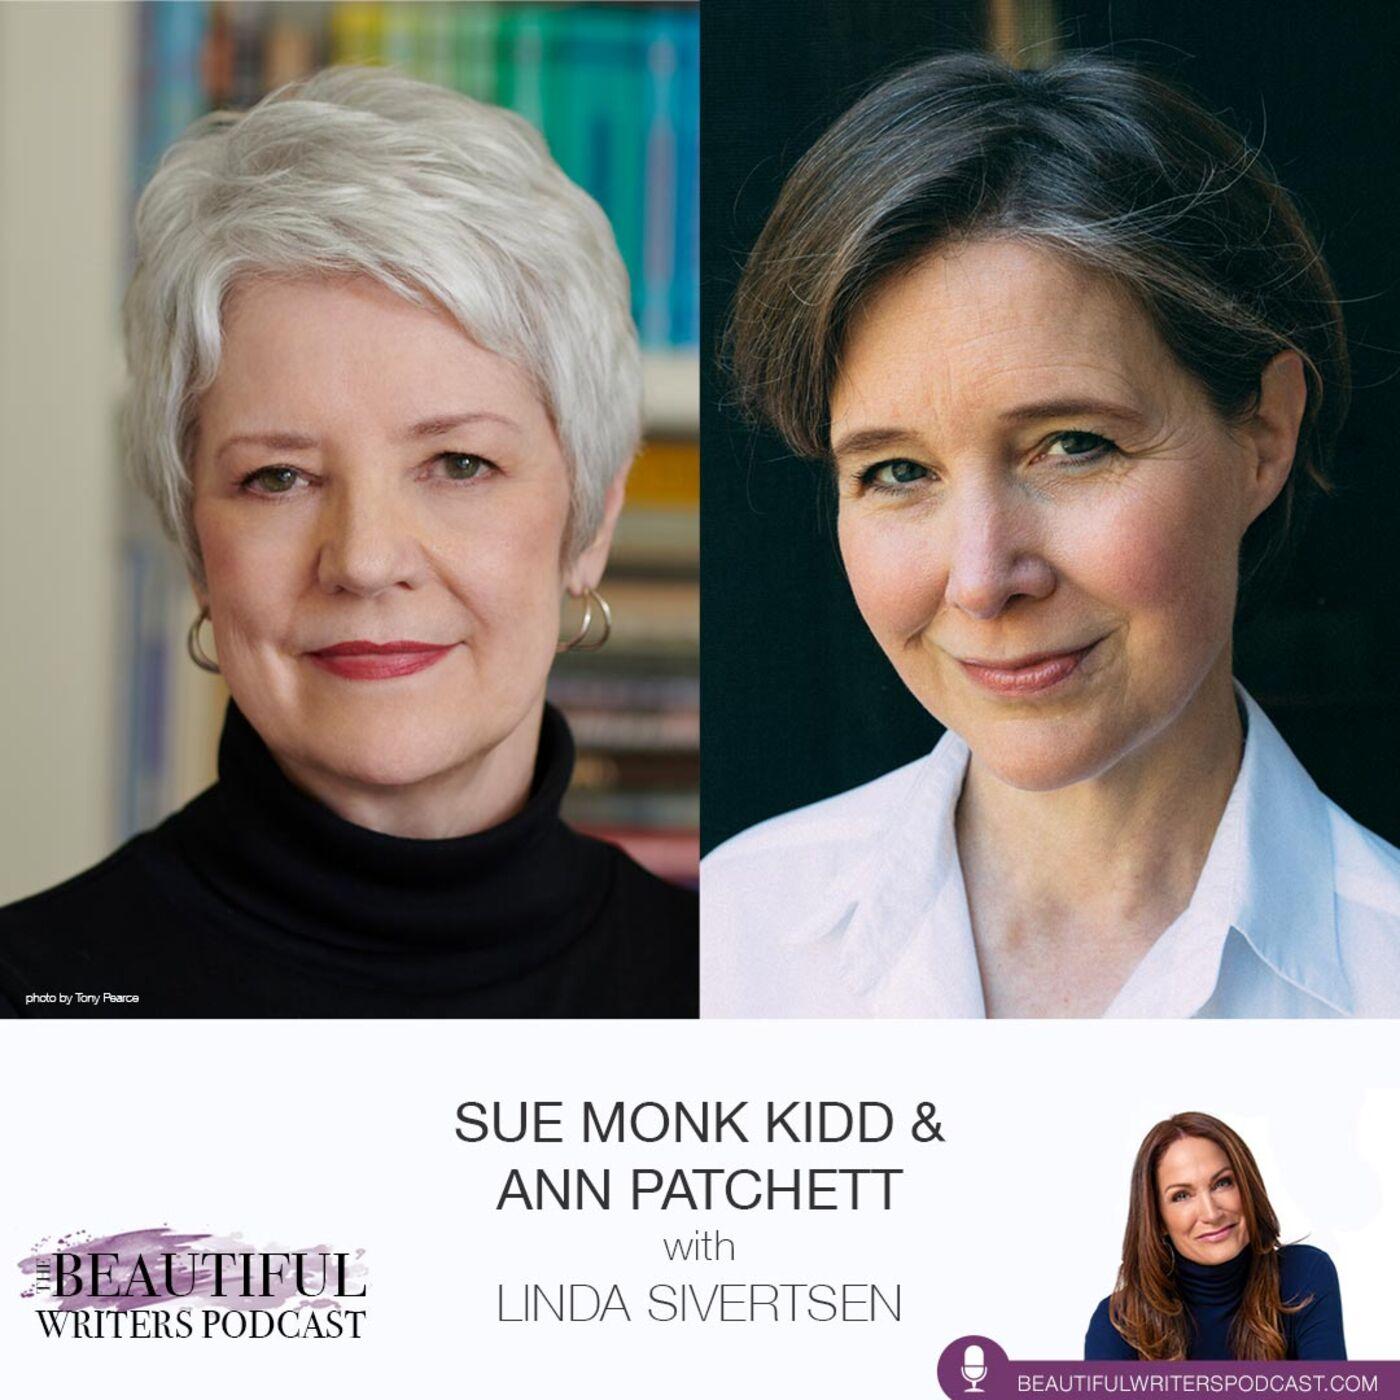 Sue Monk Kidd & Ann Patchett: Longings—In Writing & Life